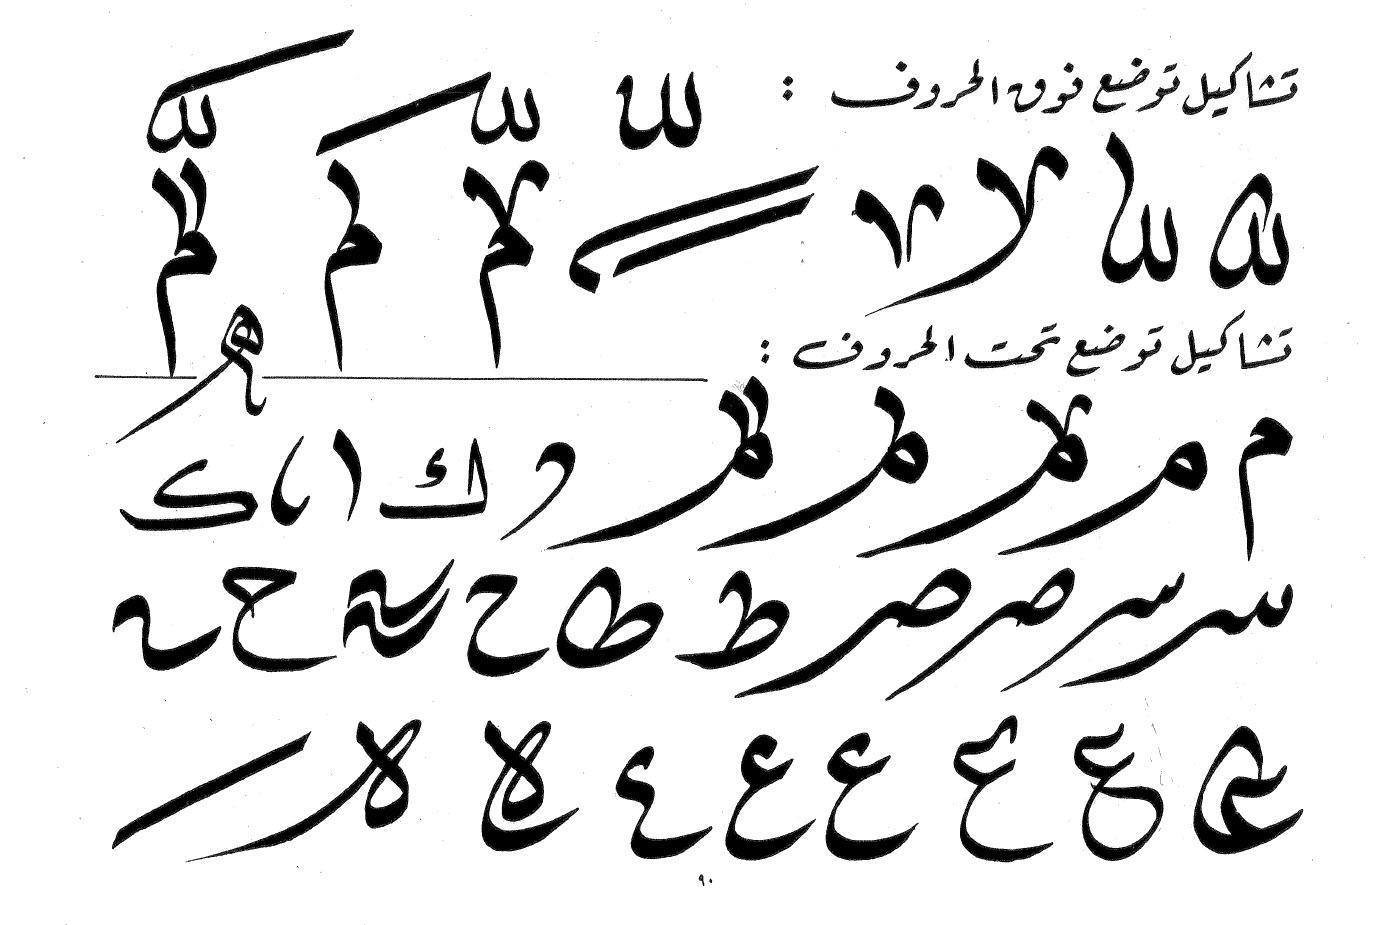 مصطلحات وأدوات وبعض علماء الخط العربي ثقافة الخط العربي بيانات